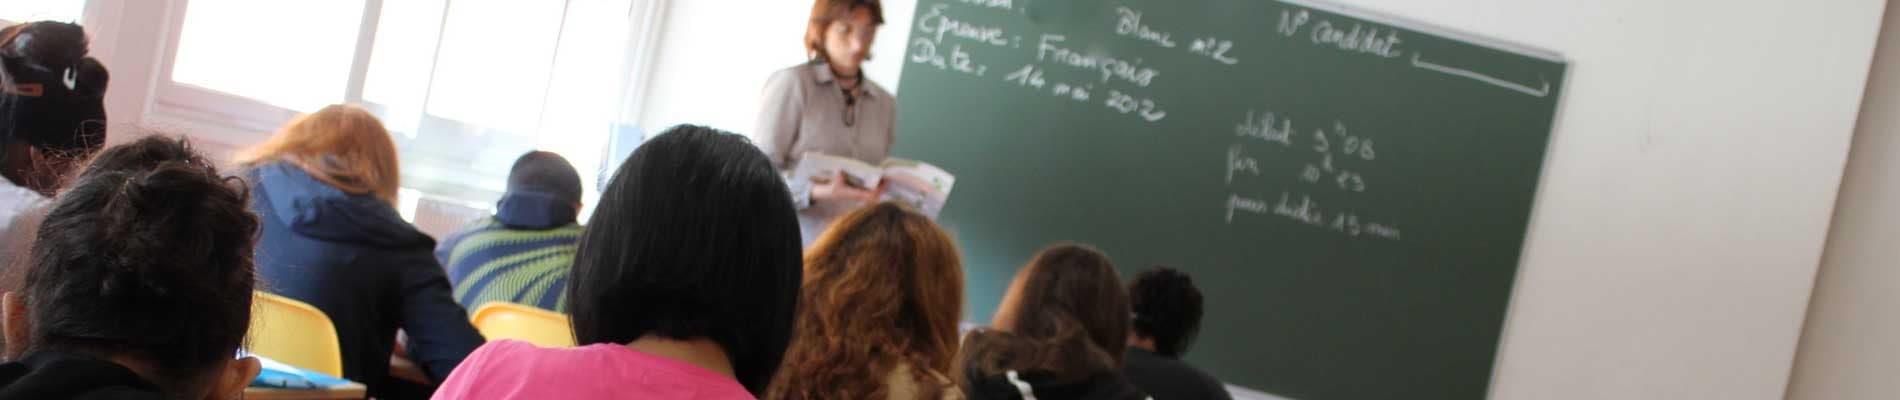 Educación y docencia